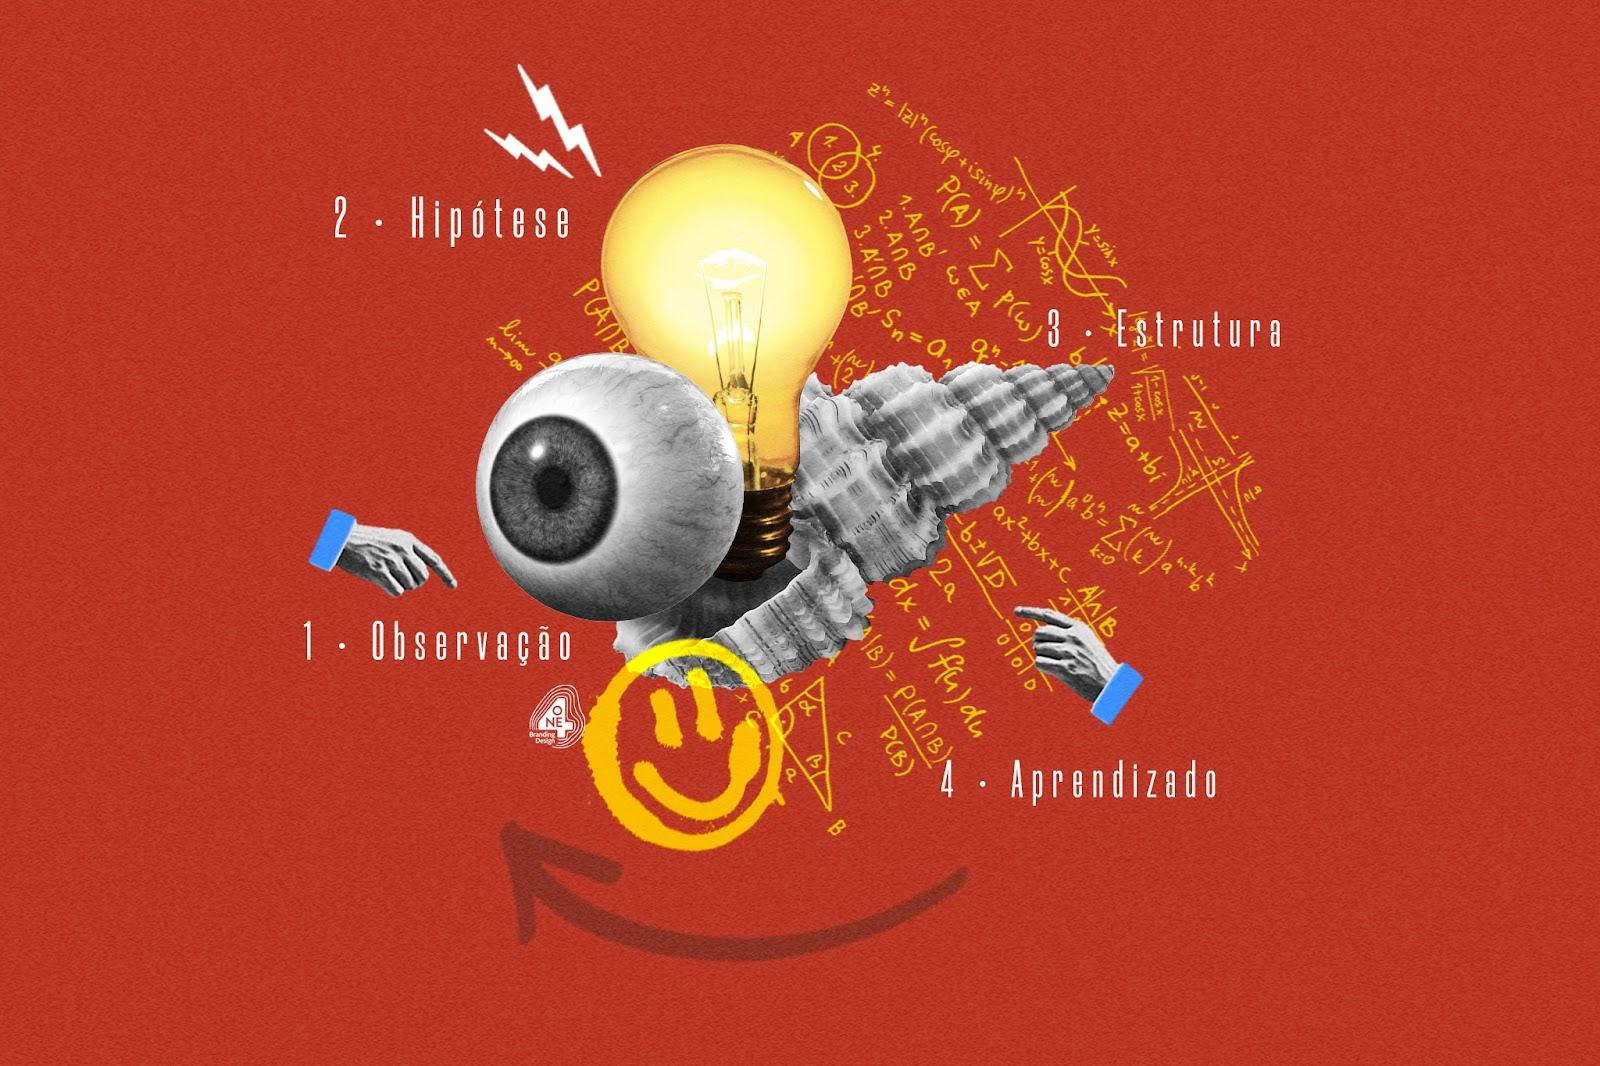 O ciclo de experimentos do marketing digital